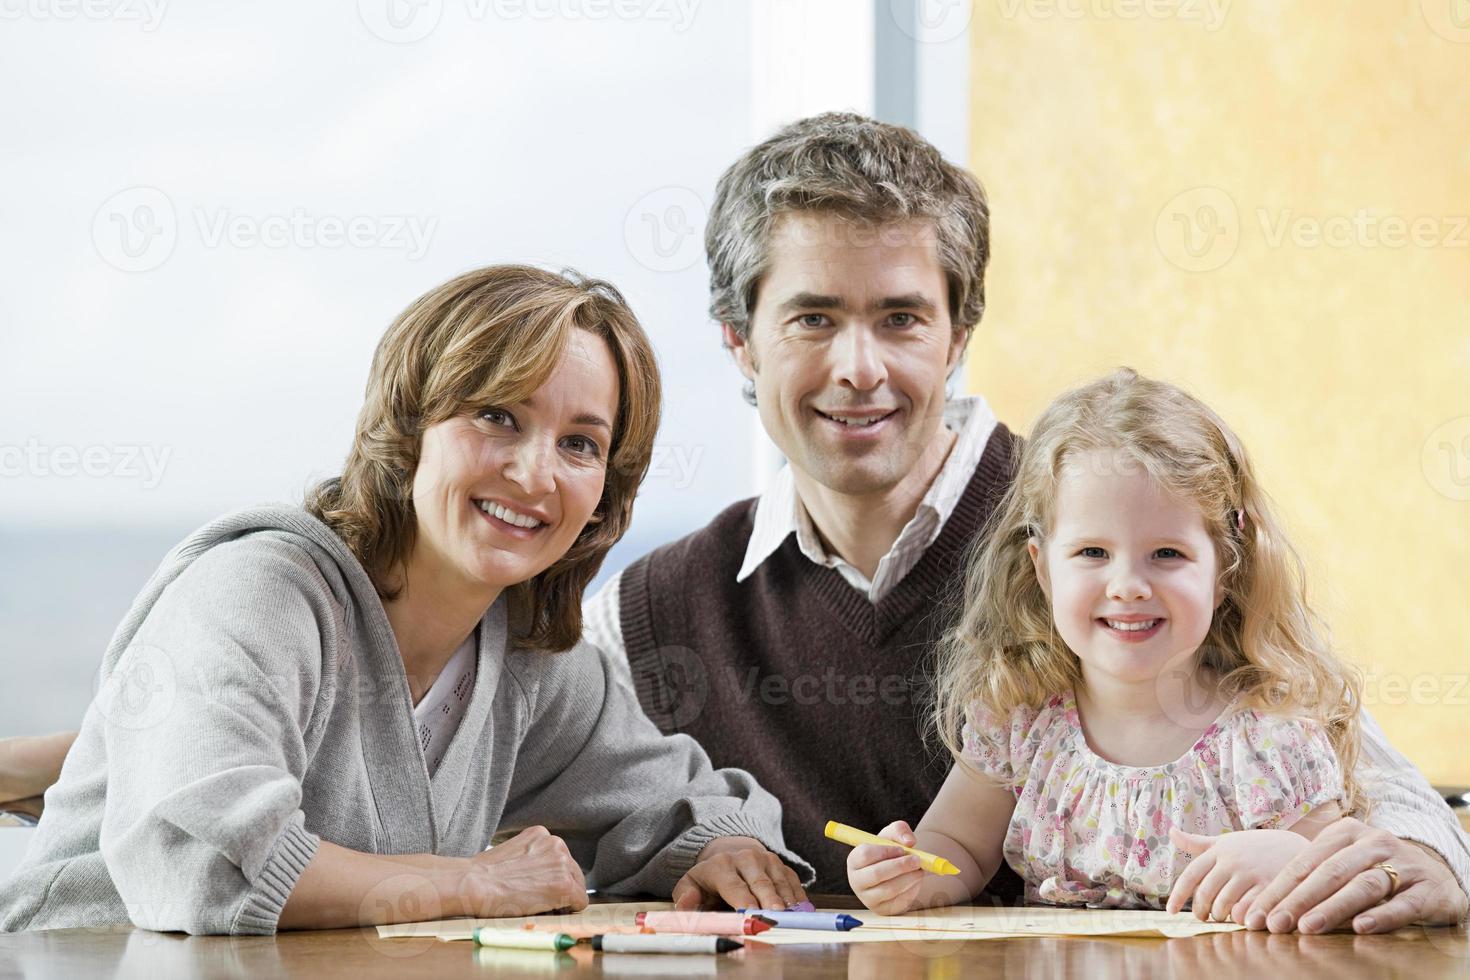 Porträt eines Vaters und einer Tochter foto